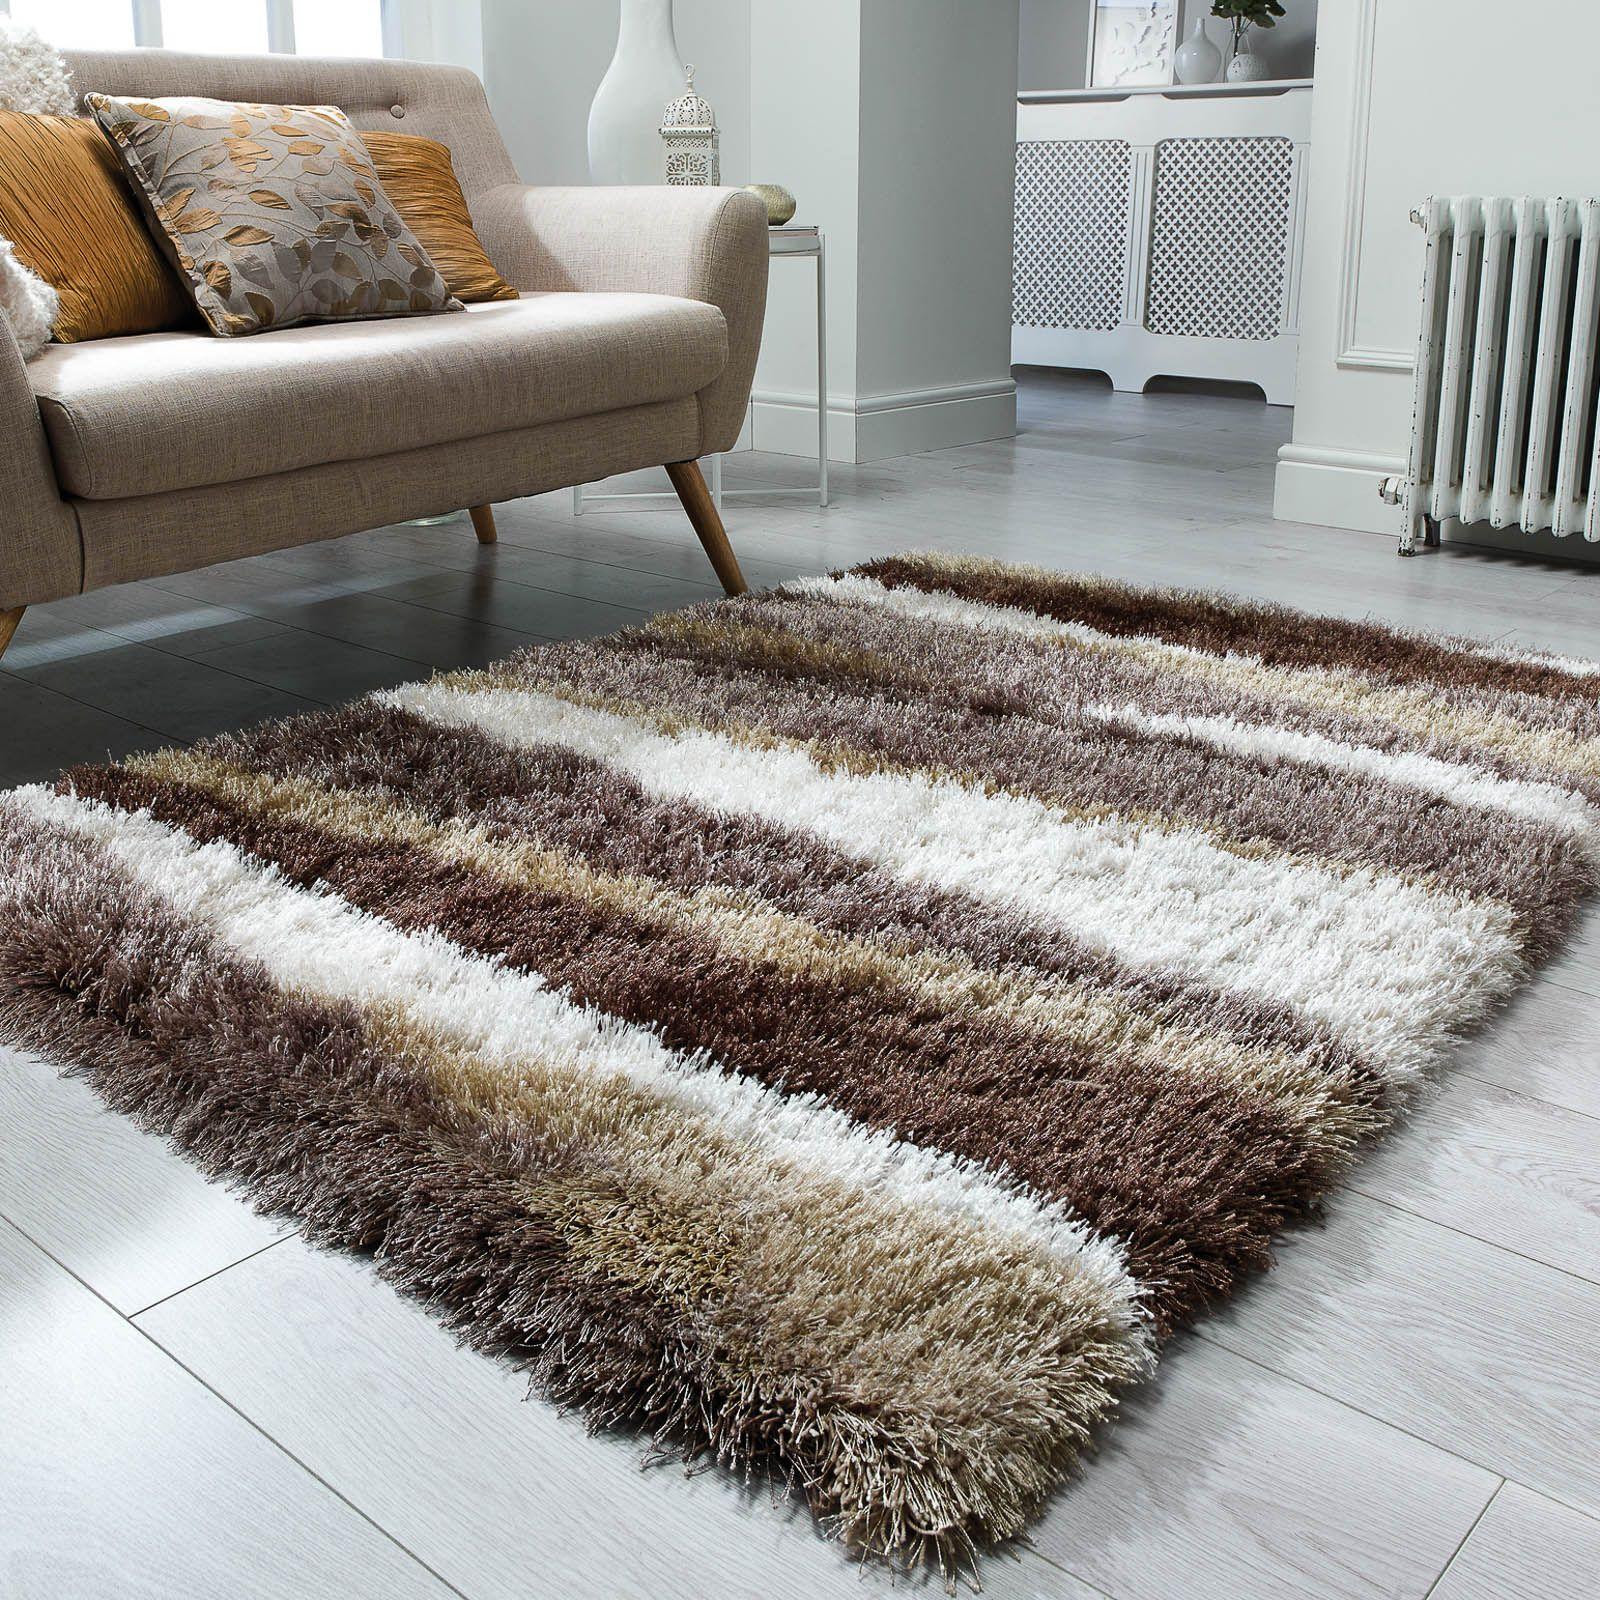 shaggy rugs Dubai